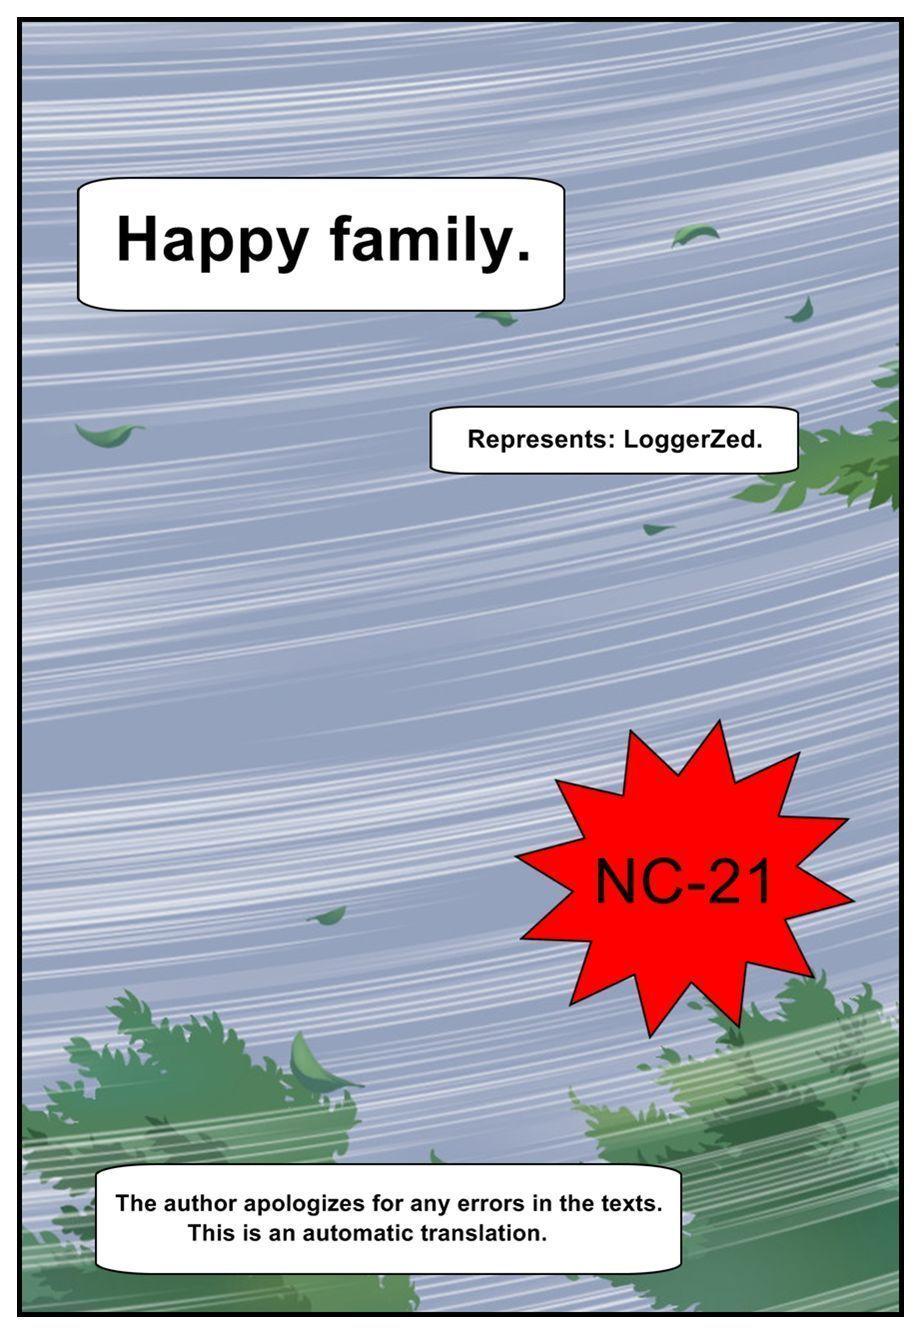 Happy Family by loggerzed